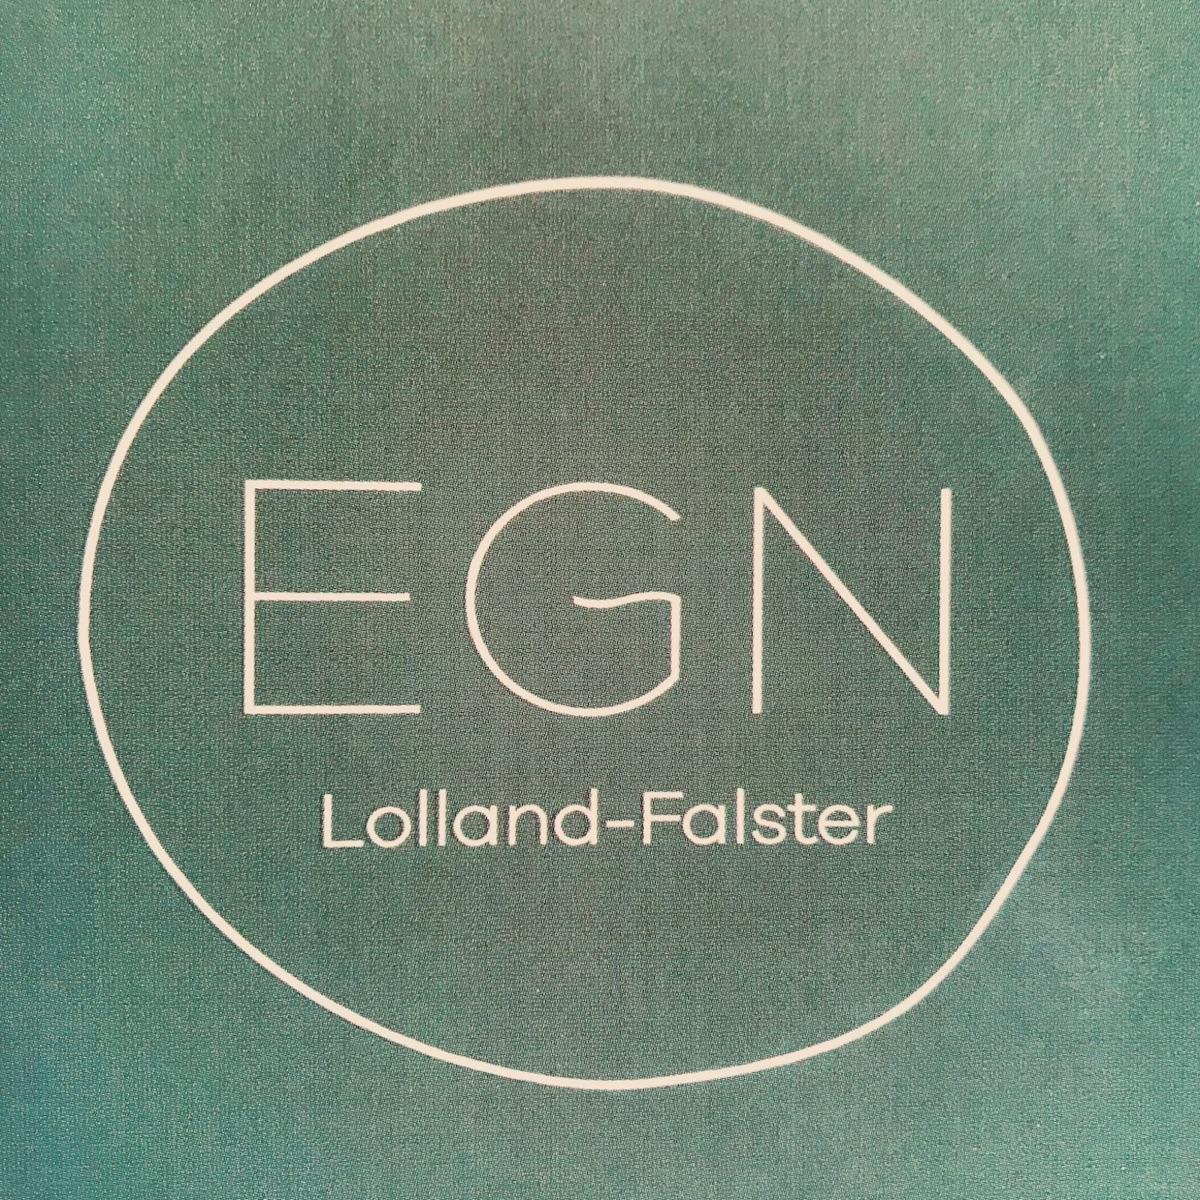 Madmysterier fra Lolland-Falster